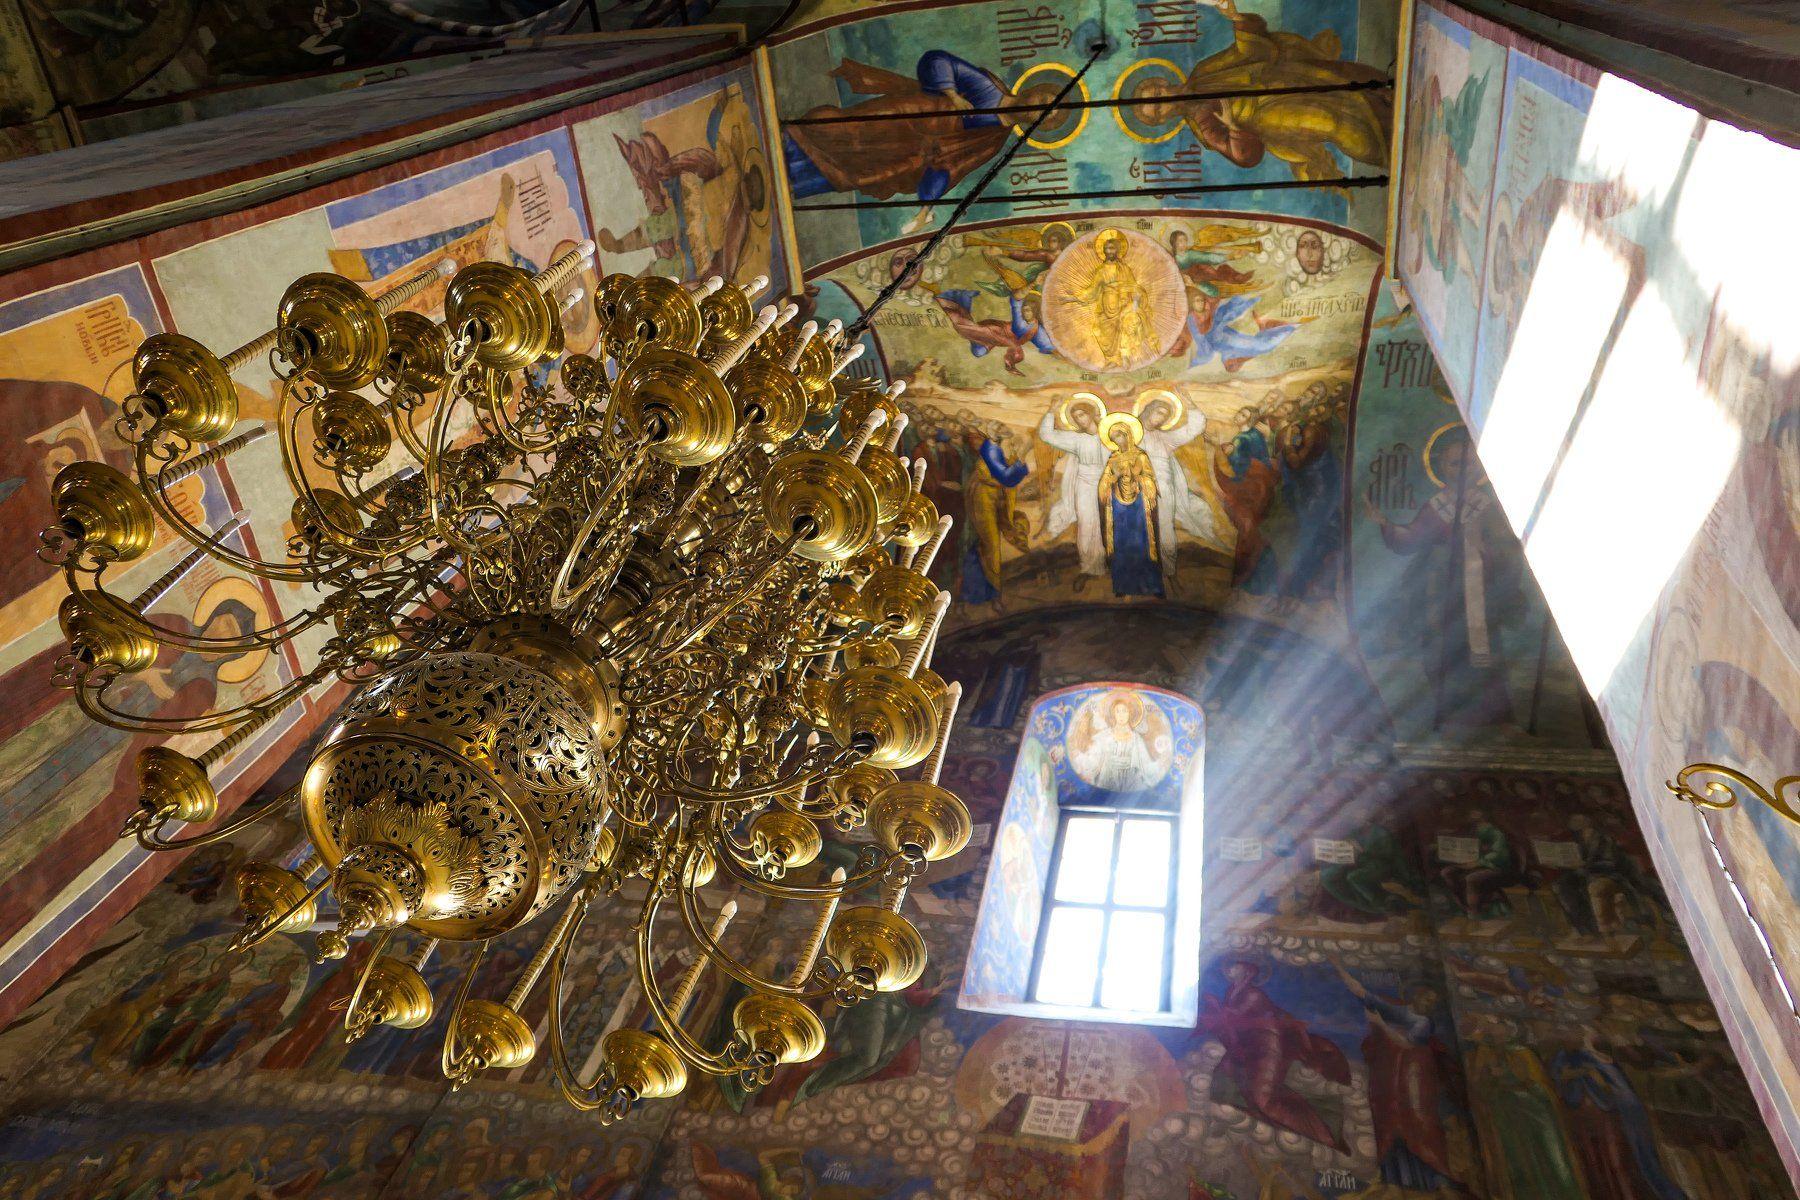 лавтра, религия, луч света, Евгений Гудилин (Андрей Главин, Болиголов)